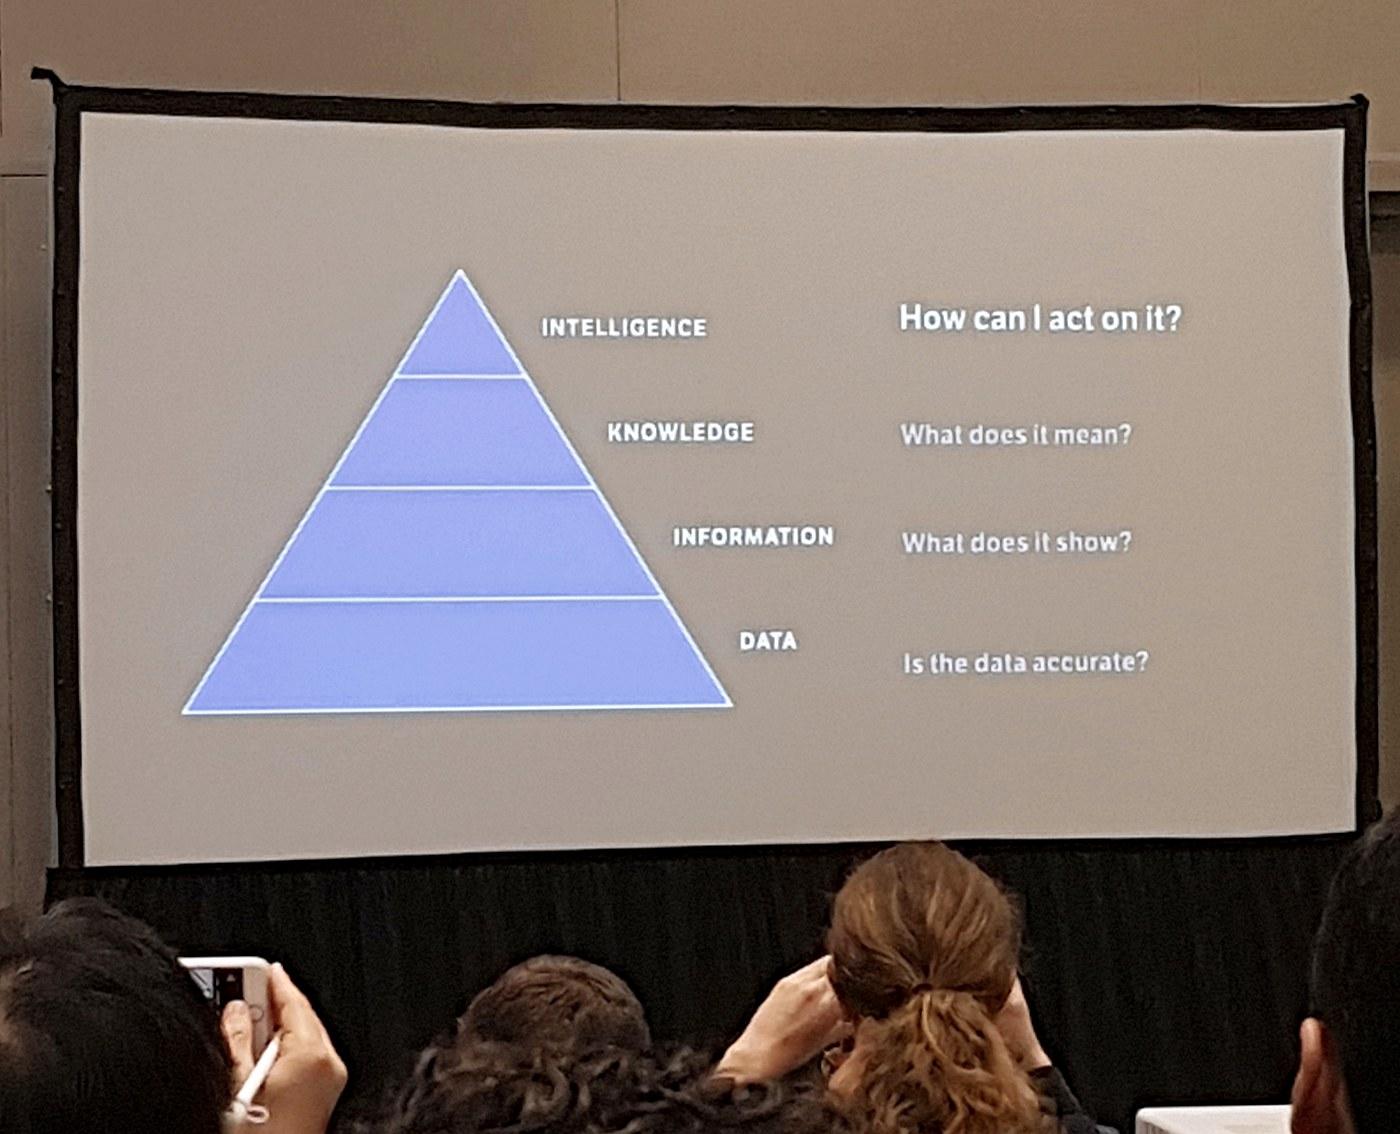 슬라이드 1: 데이터-정보-지식-지능의 단계로 데이터를 해석하는 DIKI 피라미드 (출처: 강연 발표 자료)